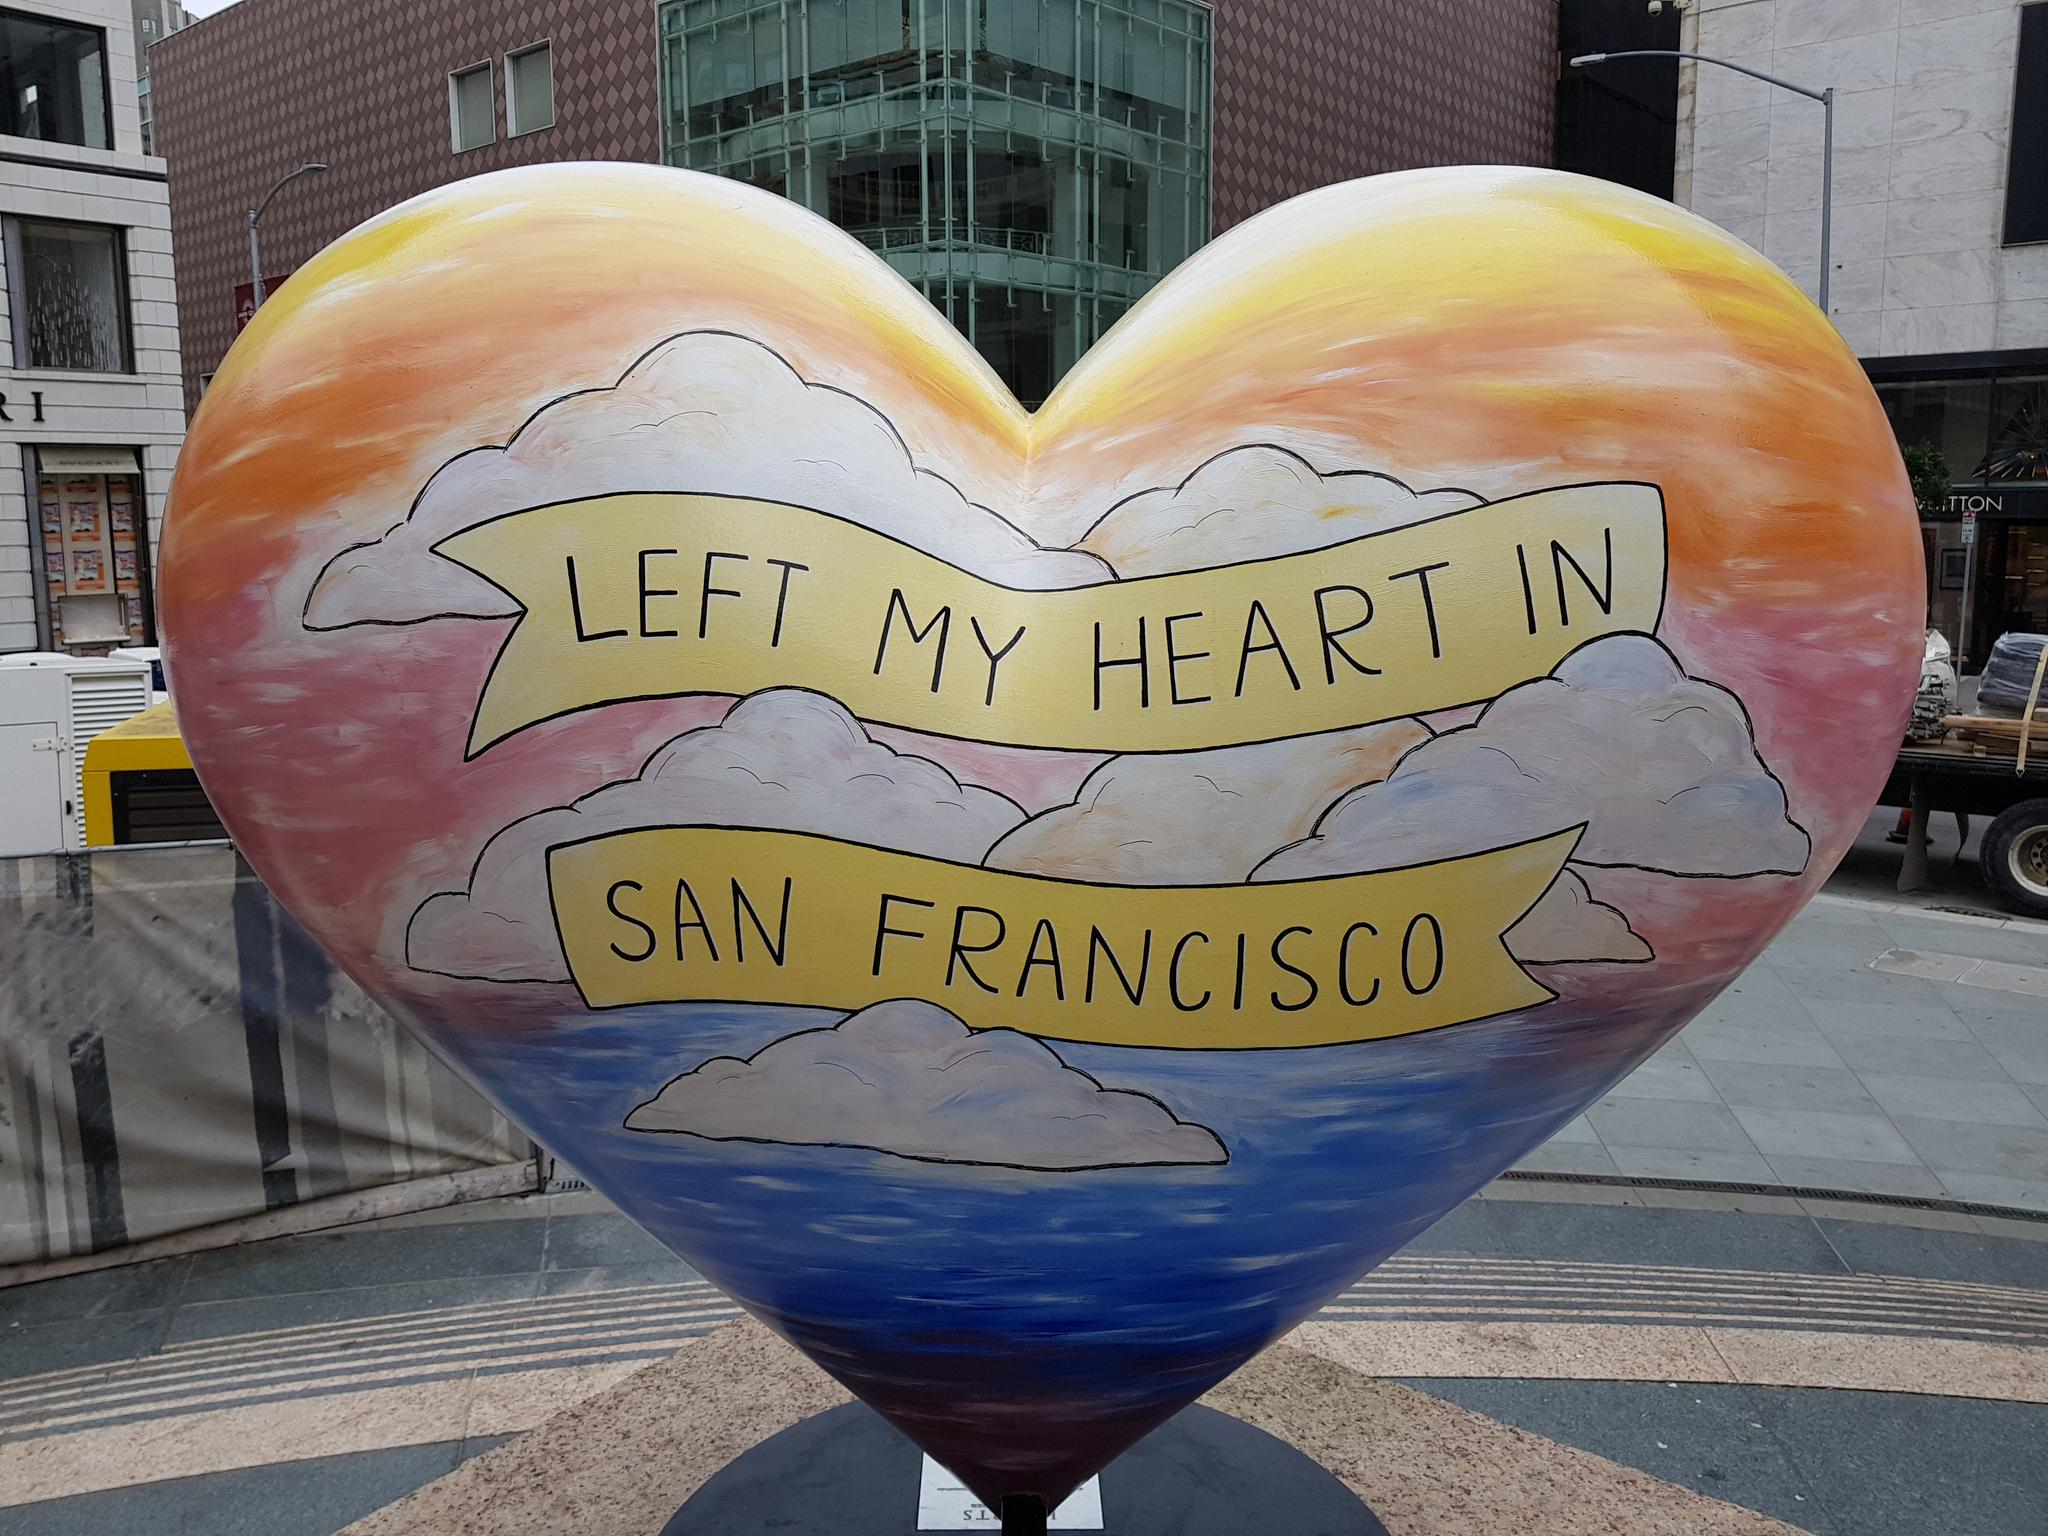 미국 샌프란시스코의 상징인 하트 조형물. 토니 베넷의 히트곡 'I left my heart in San Francisco' 를 콘셉트로 한다. 이소아 기자